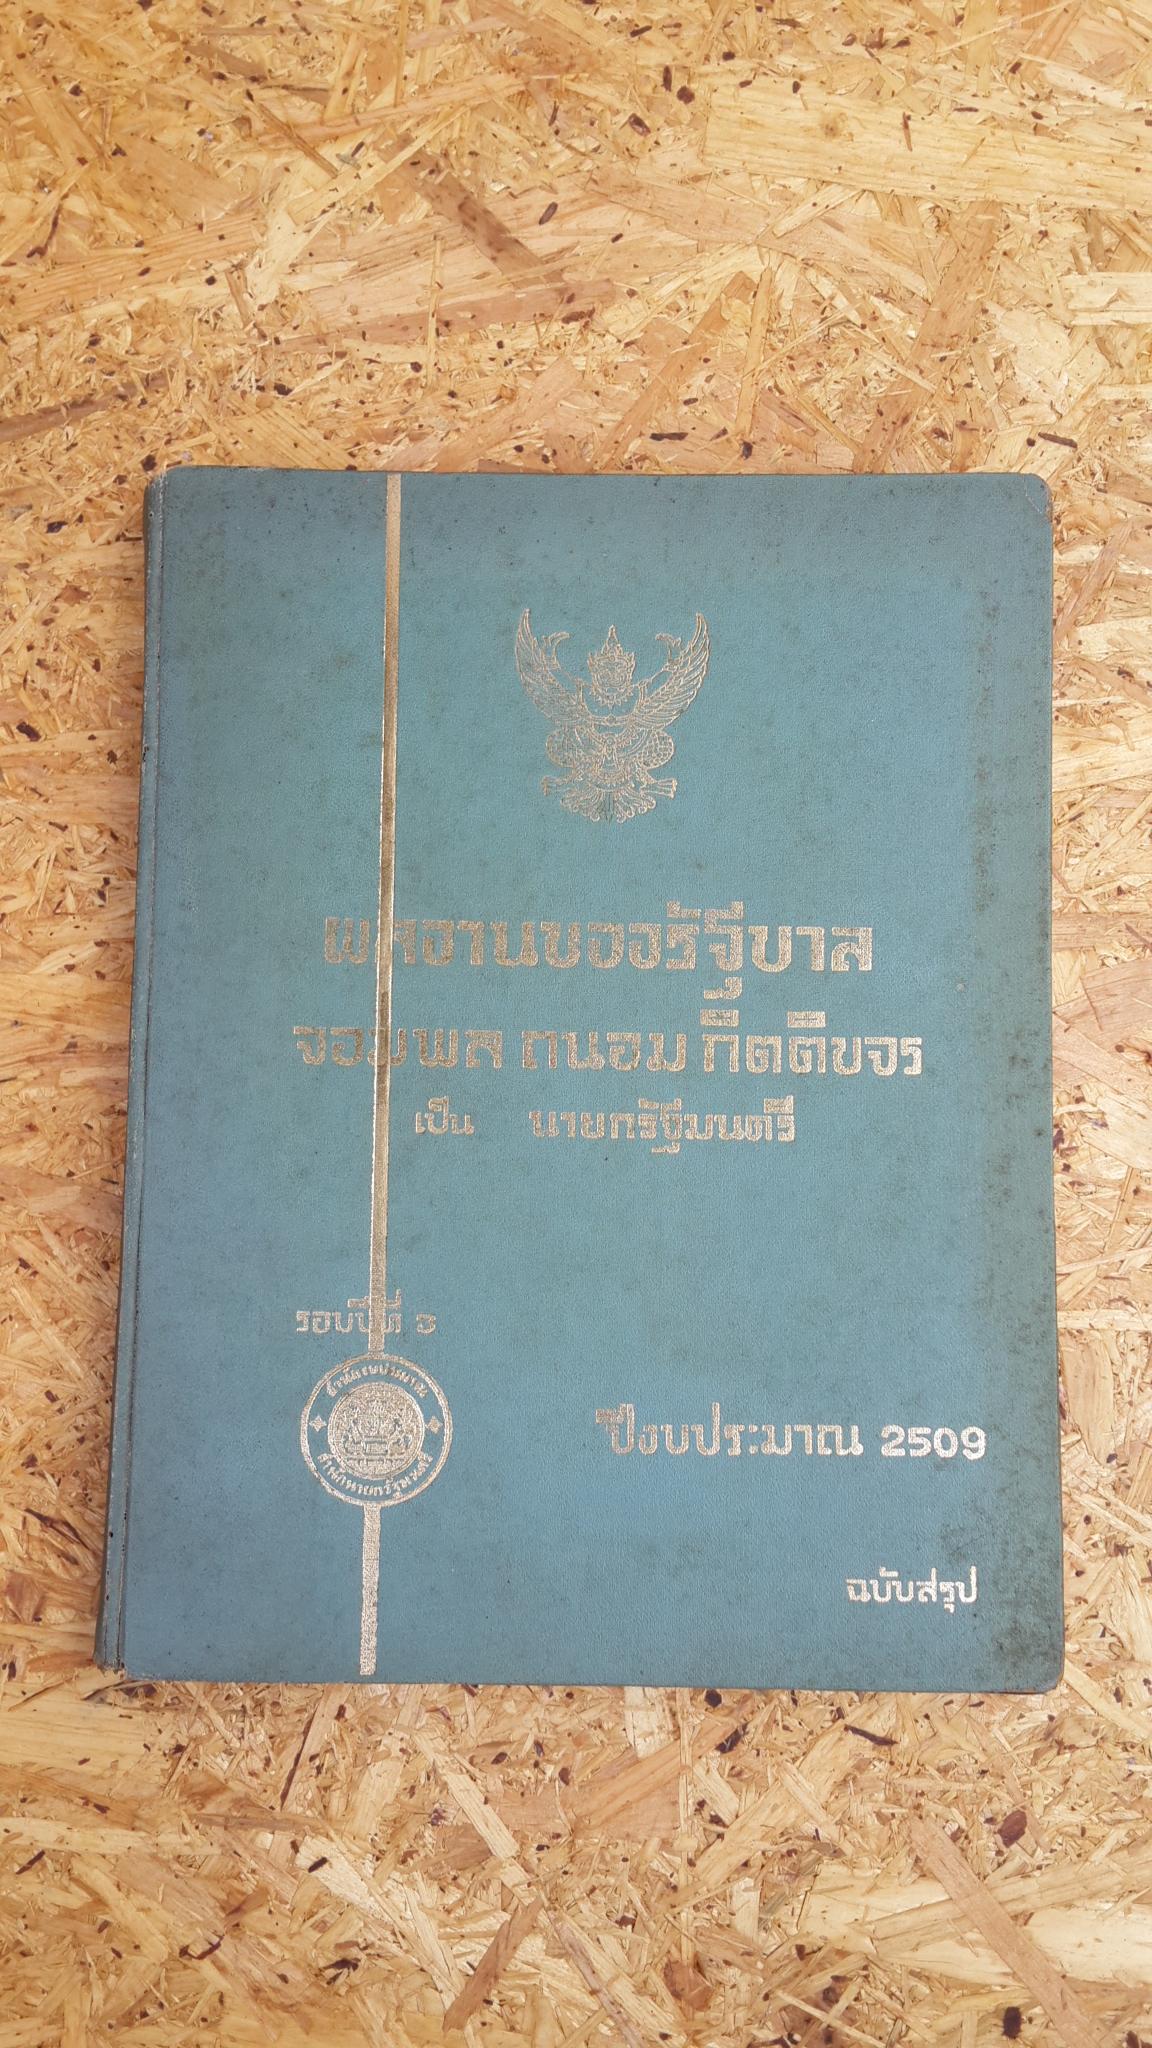 ผลงานของรัฐบาล จอมพล ถนอม กิตติขจร เป็น นายกรัฐมนตรี รอบปีที่ 3 ปีงบประมาณ 2509 ฉบับสรุป